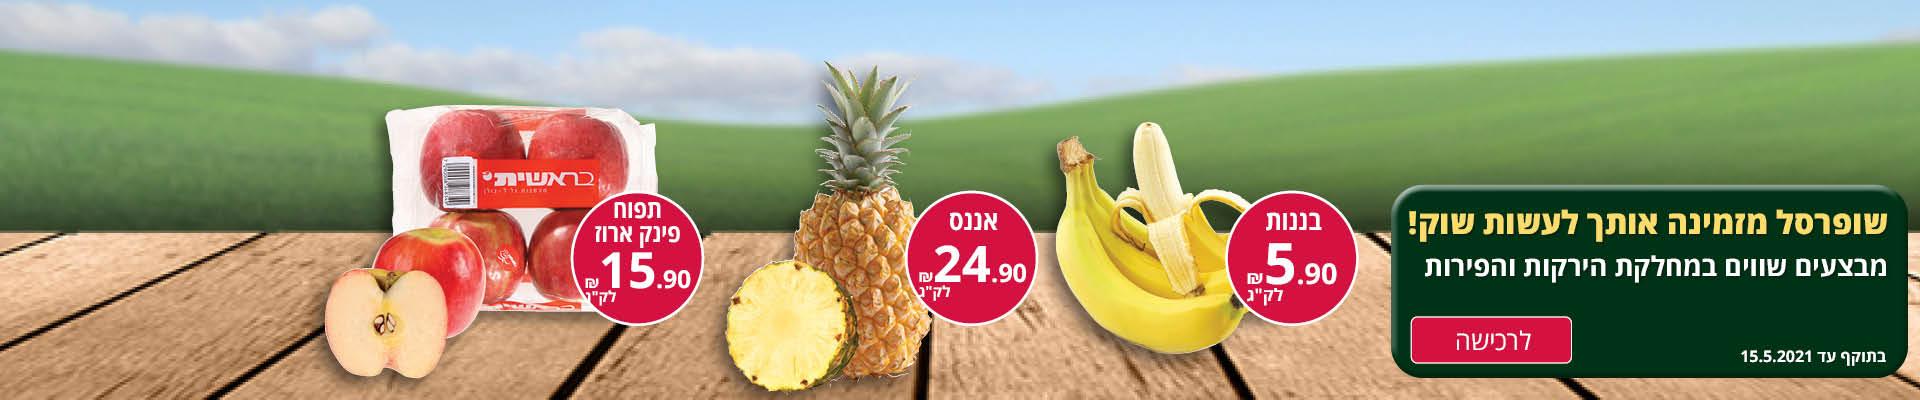 """שופרסל מזמינה אותך לעשות שוק! מבצעים שווים במחלקת הירקות והפירות בננות 5.90 ₪ לק""""ג אננס 24.90 ₪ לק""""ג תפוח פינק ארוז 15.90 ₪ לק""""ג לרכישה בתוקף עד 15.5.2021"""